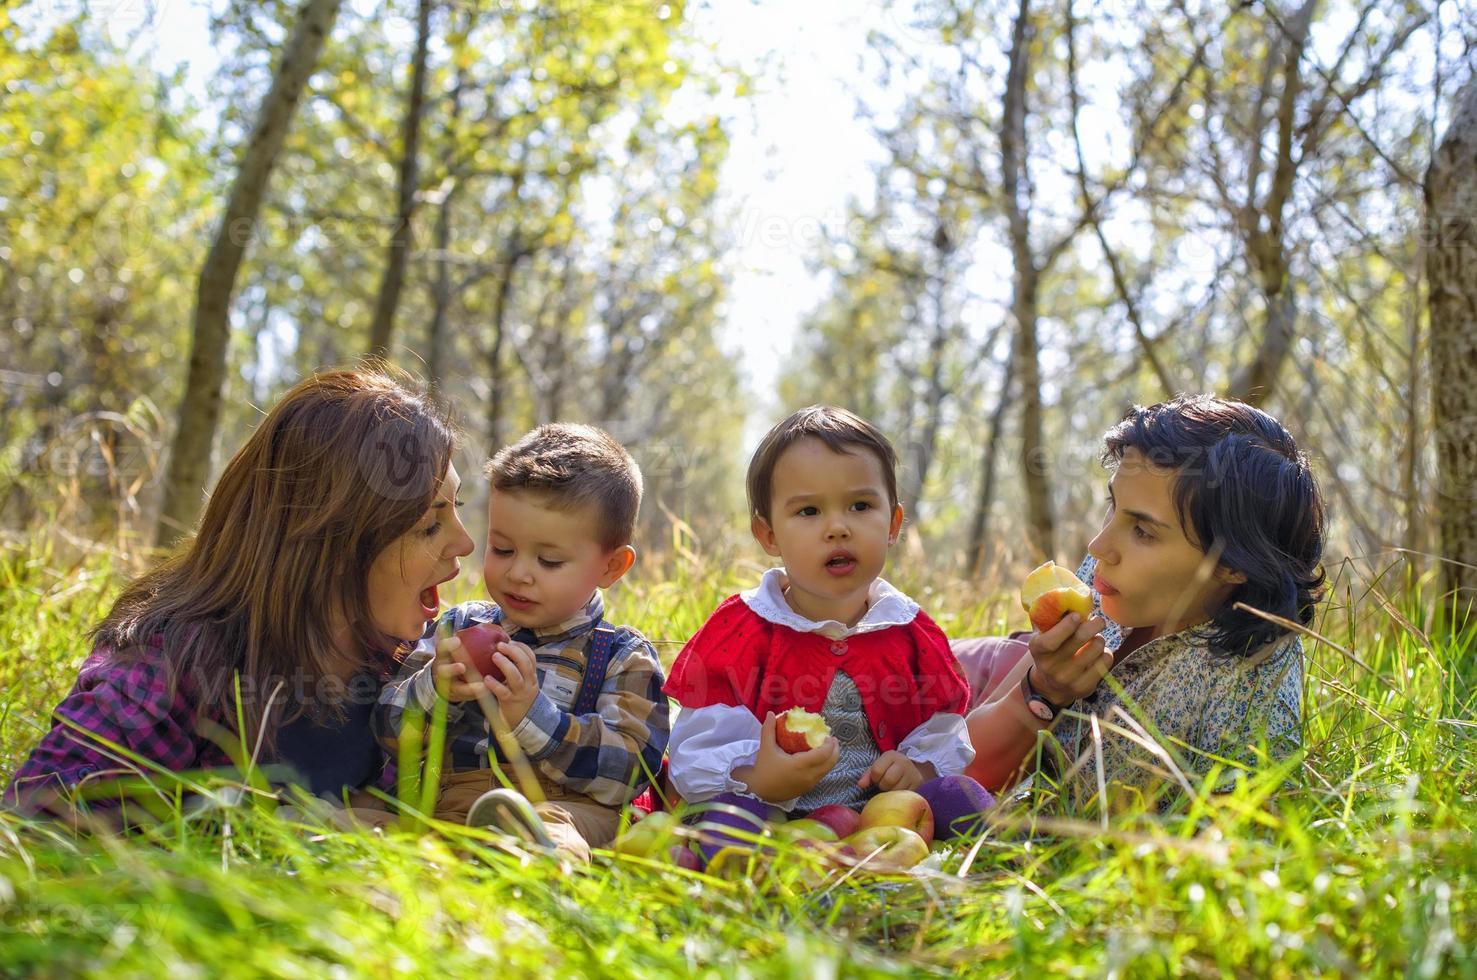 dos madres con sus hijos comiendo manzanas en el bosque foto